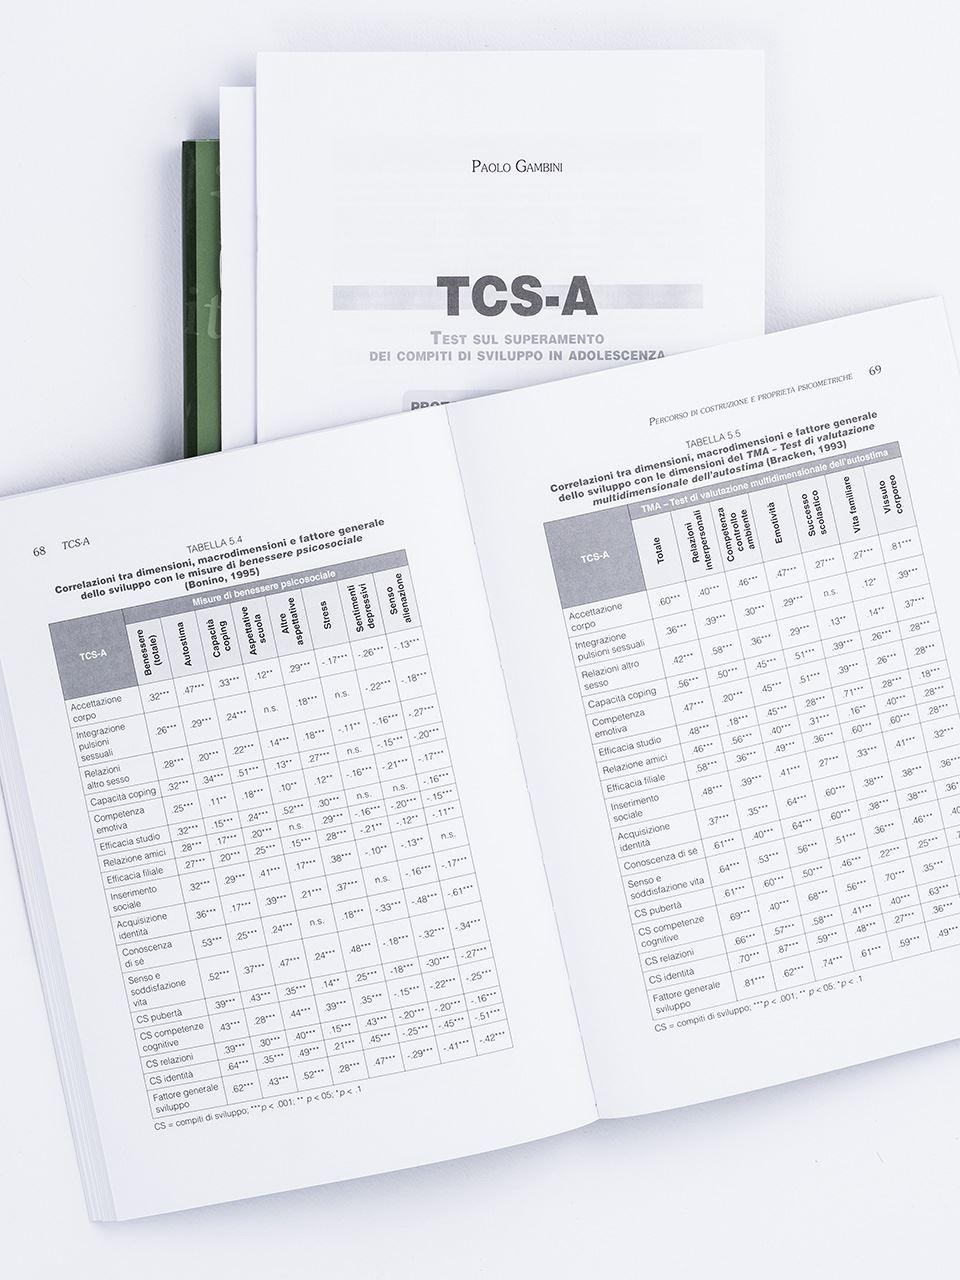 TCS-A – Test sul superamento dei compiti di svilup - Libri - Erickson 2